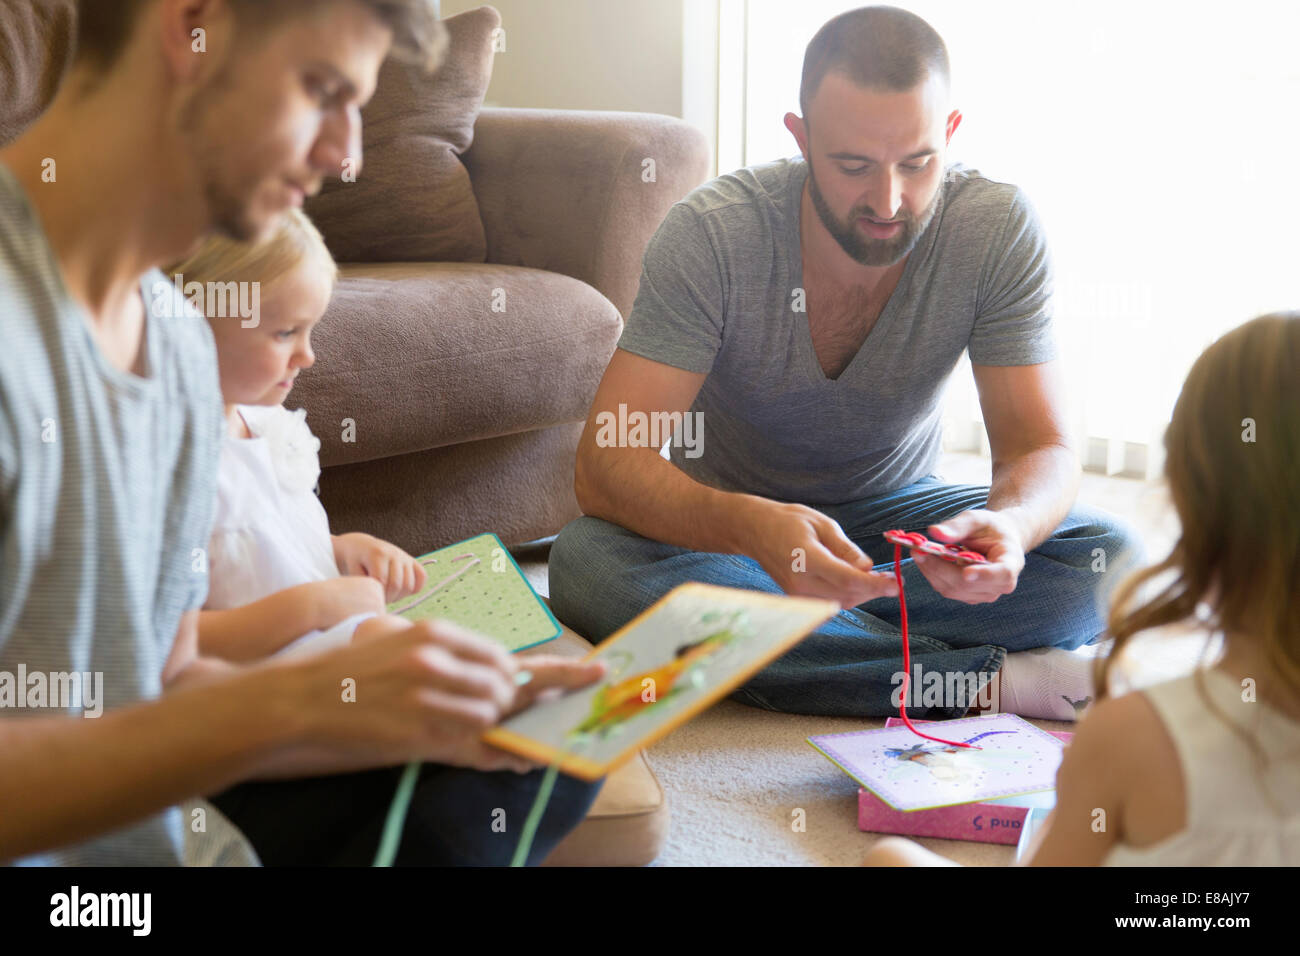 La pareja masculina y dos hijas enhebrado de libros ilustrados sobre el suelo de la sala de estar Imagen De Stock